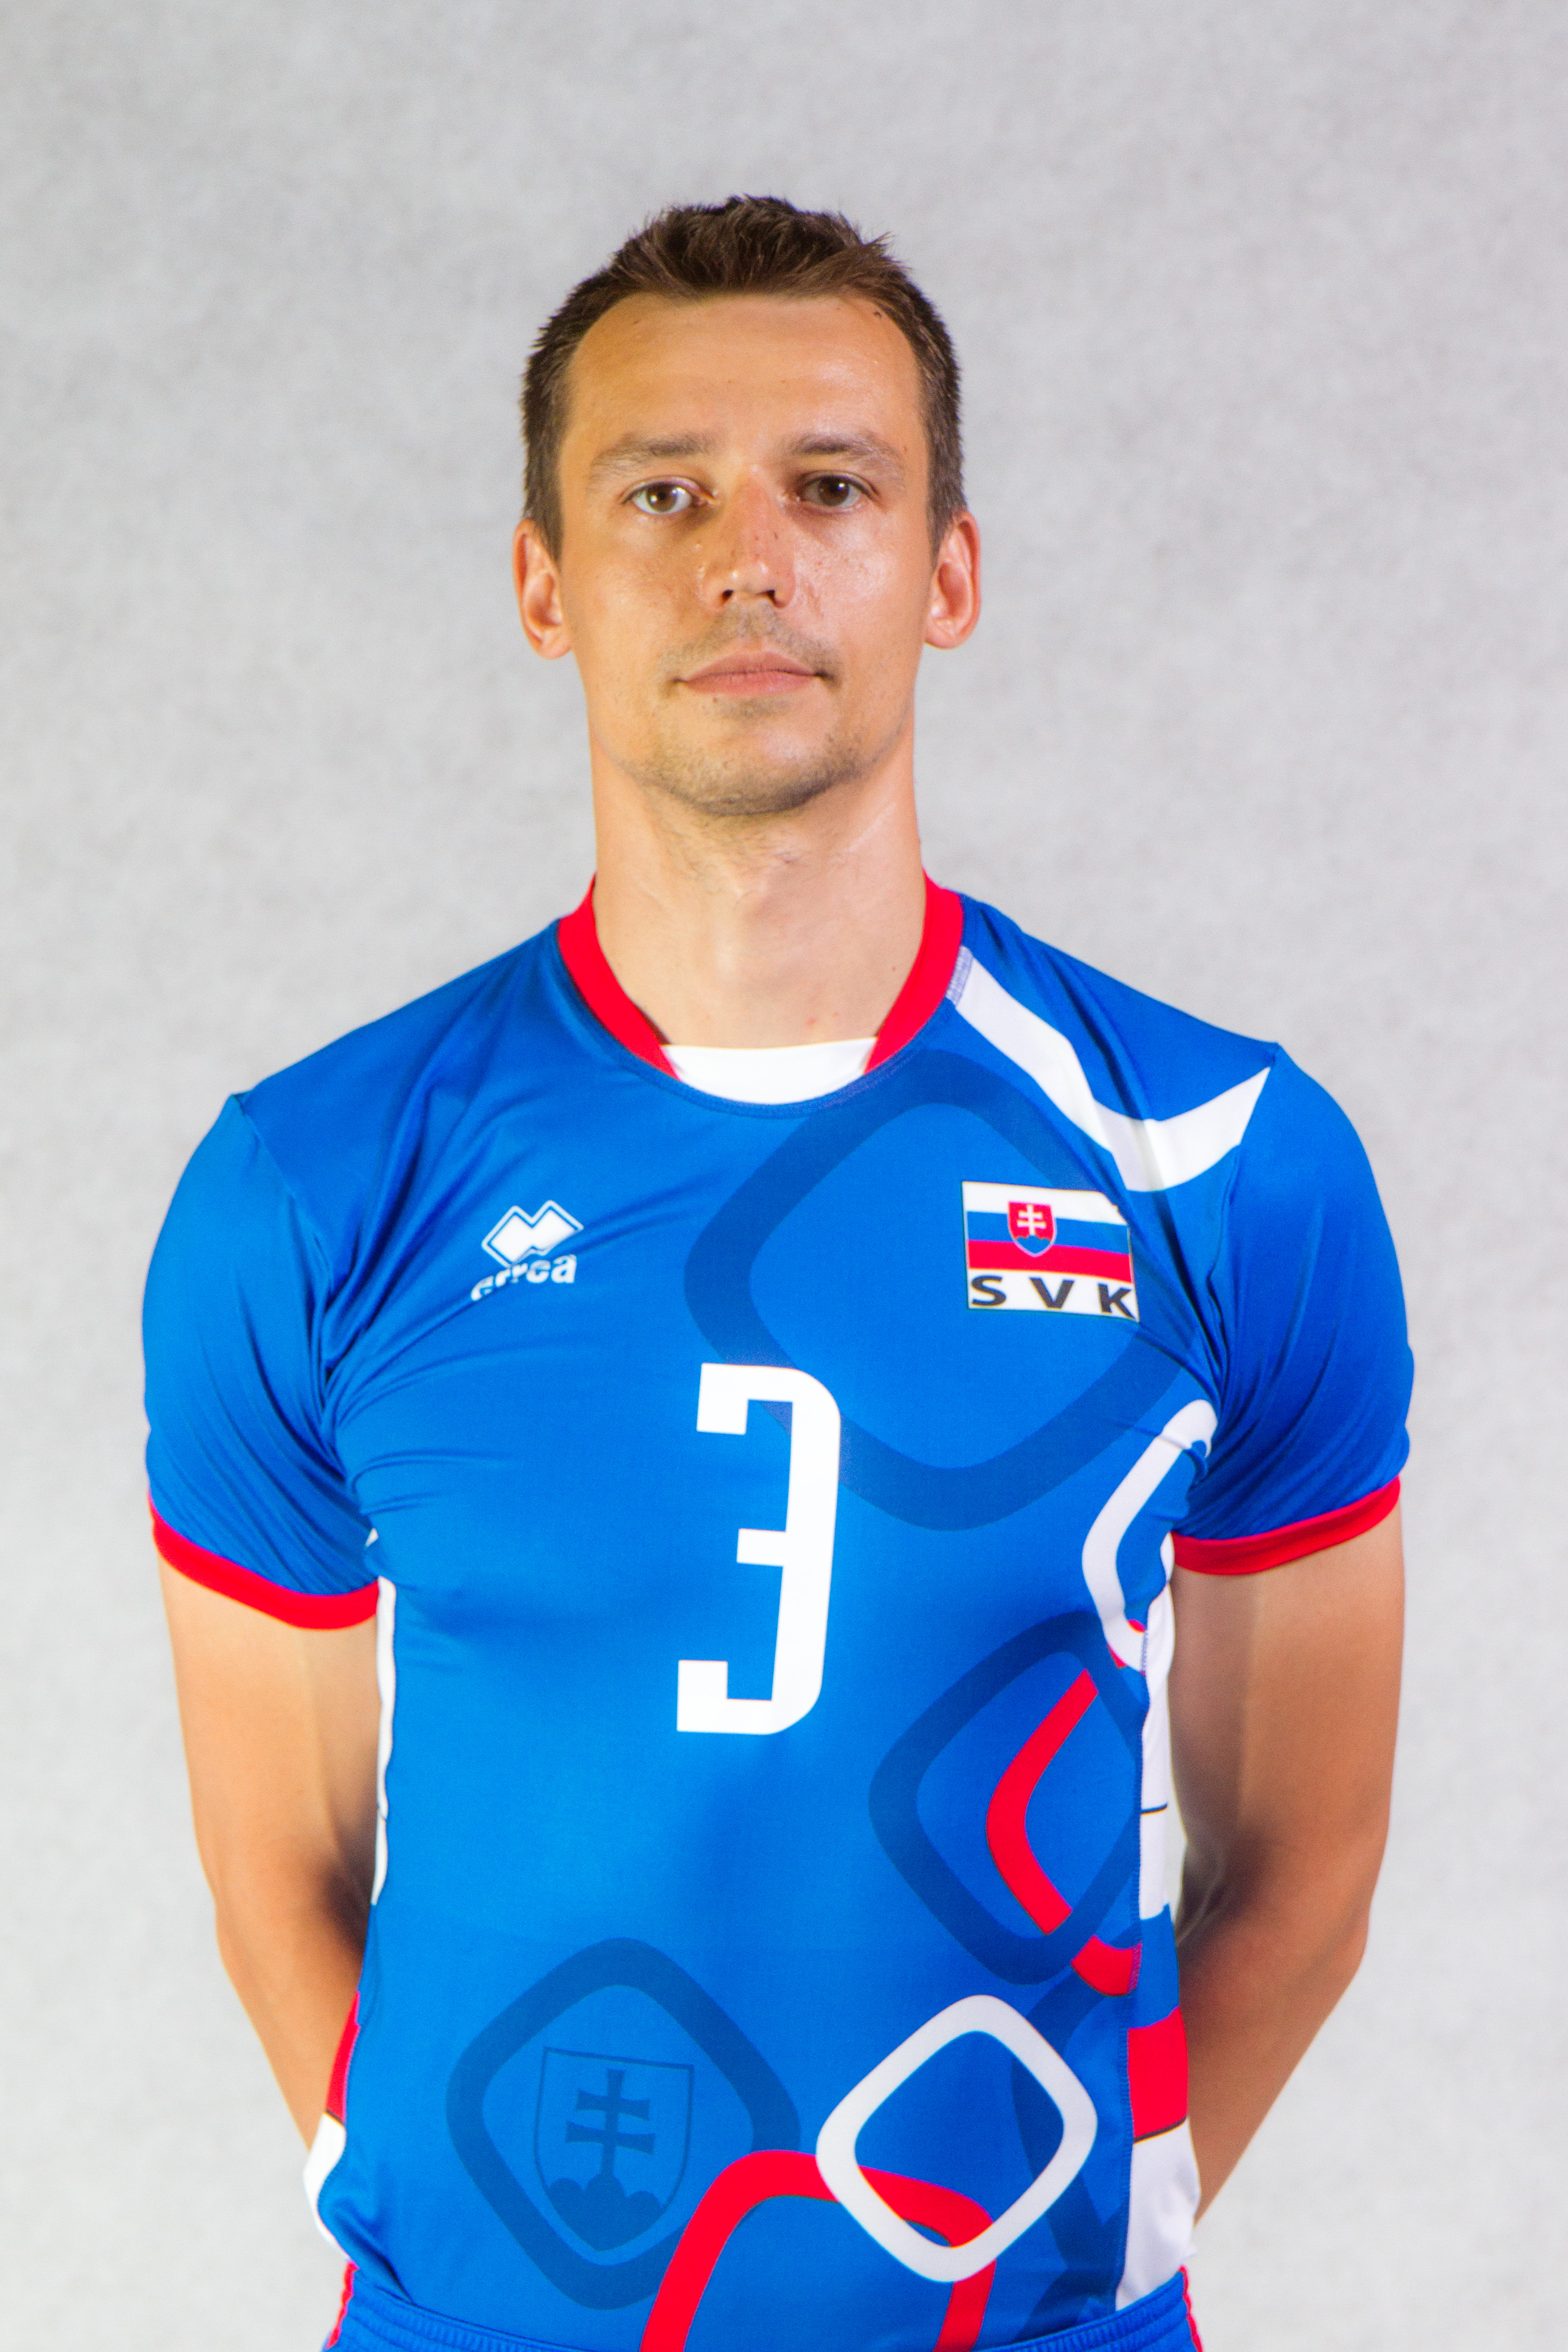 Emanuel Kohut